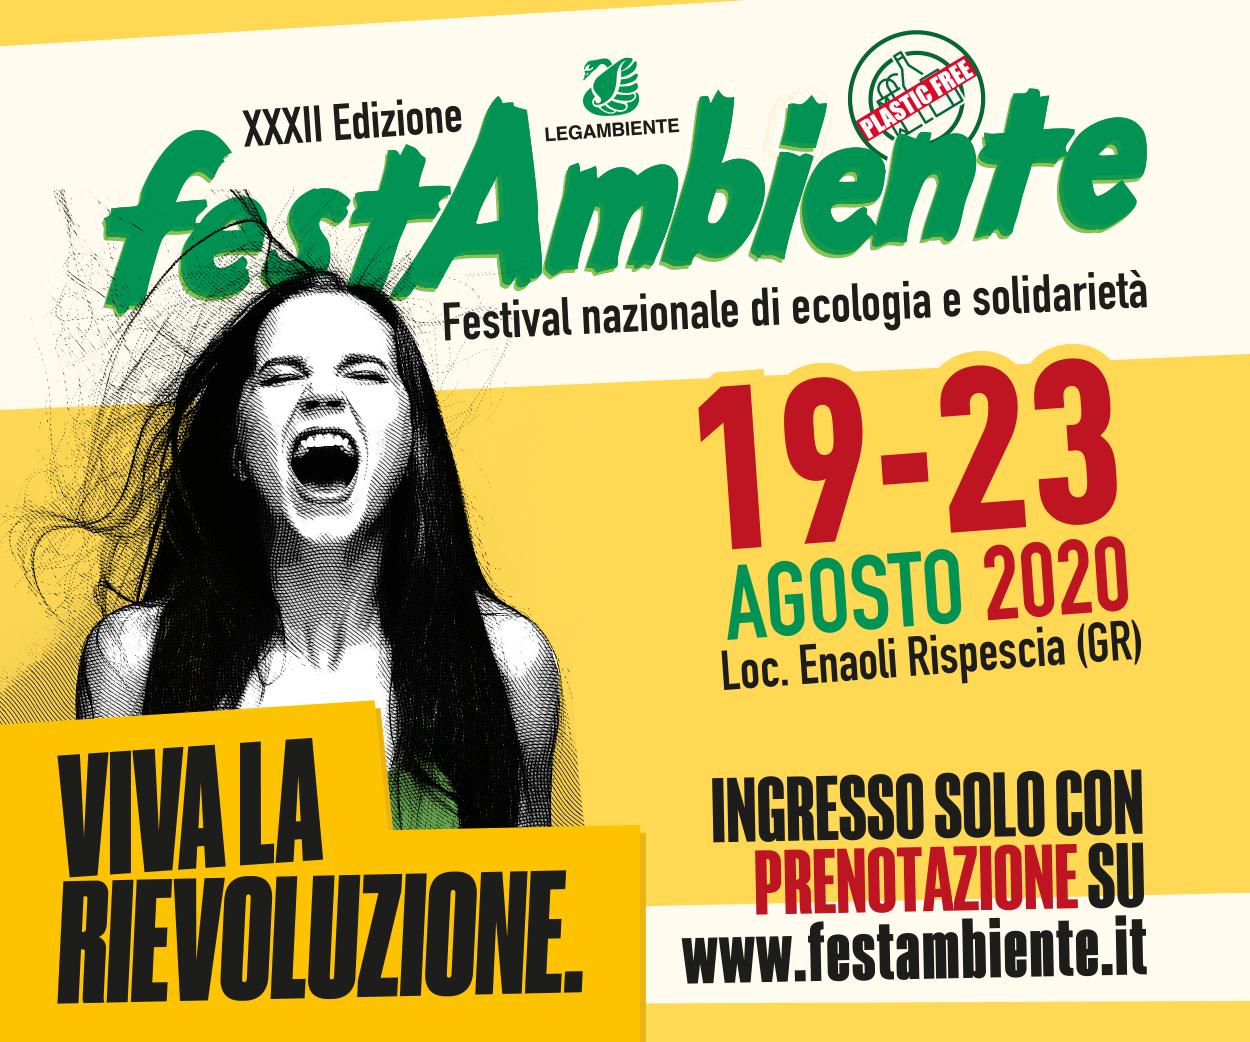 XXXII Edizione Festambiente Festival nazinale di ecologia e solidarietà – dal 19 al 23 agosto 2020 – località Enaoli Rispescia (GR)